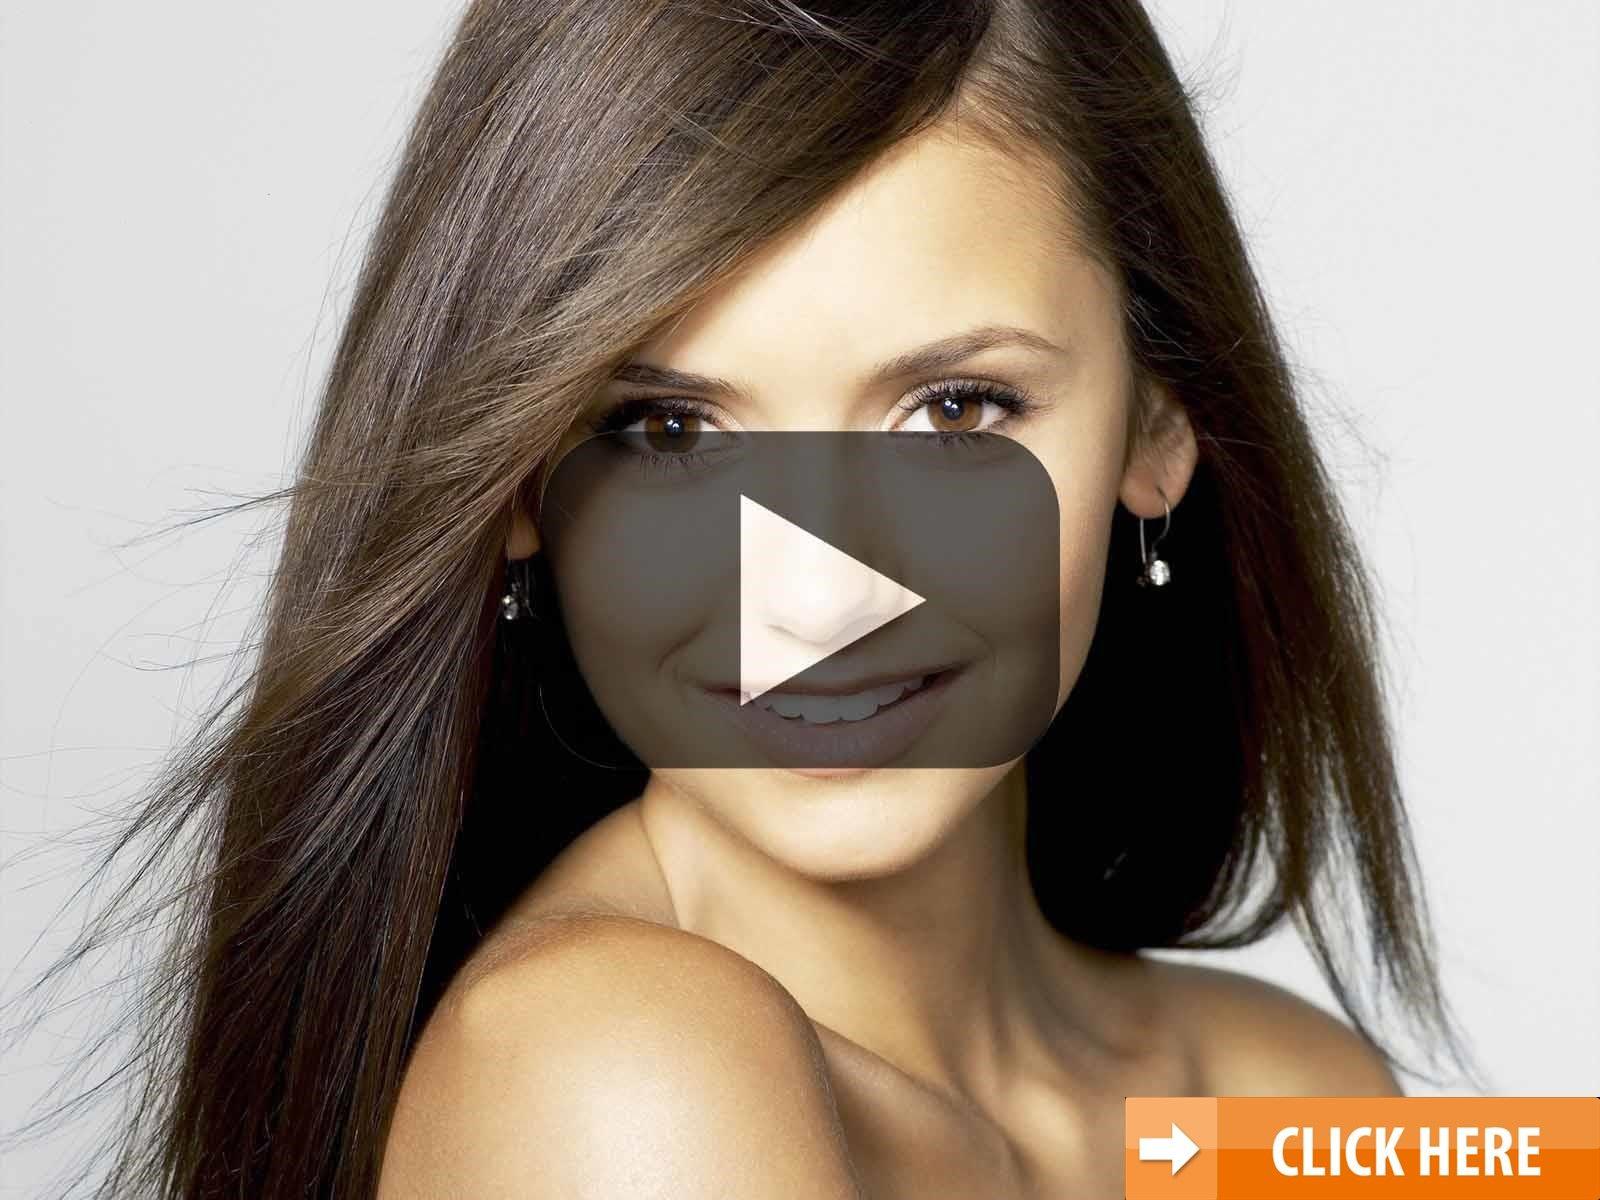 Секс массаж красивых девочек бесплатно